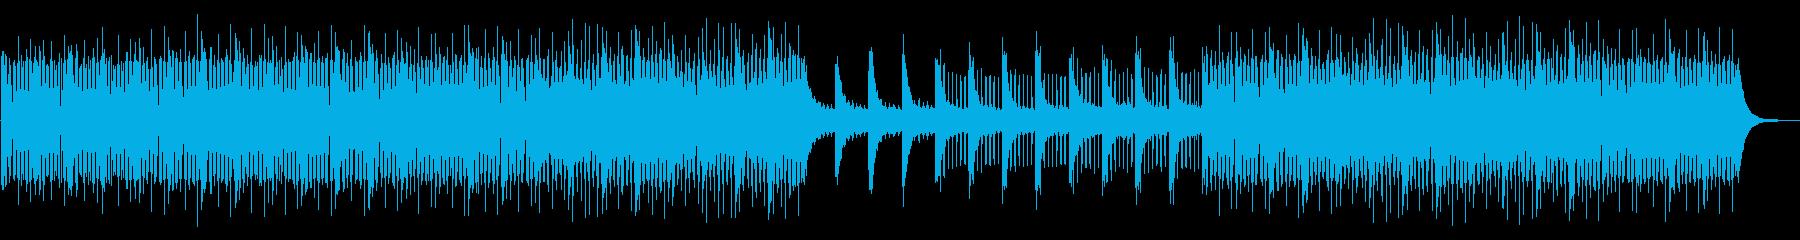 企業VP クリーン・洋楽・透明感の再生済みの波形